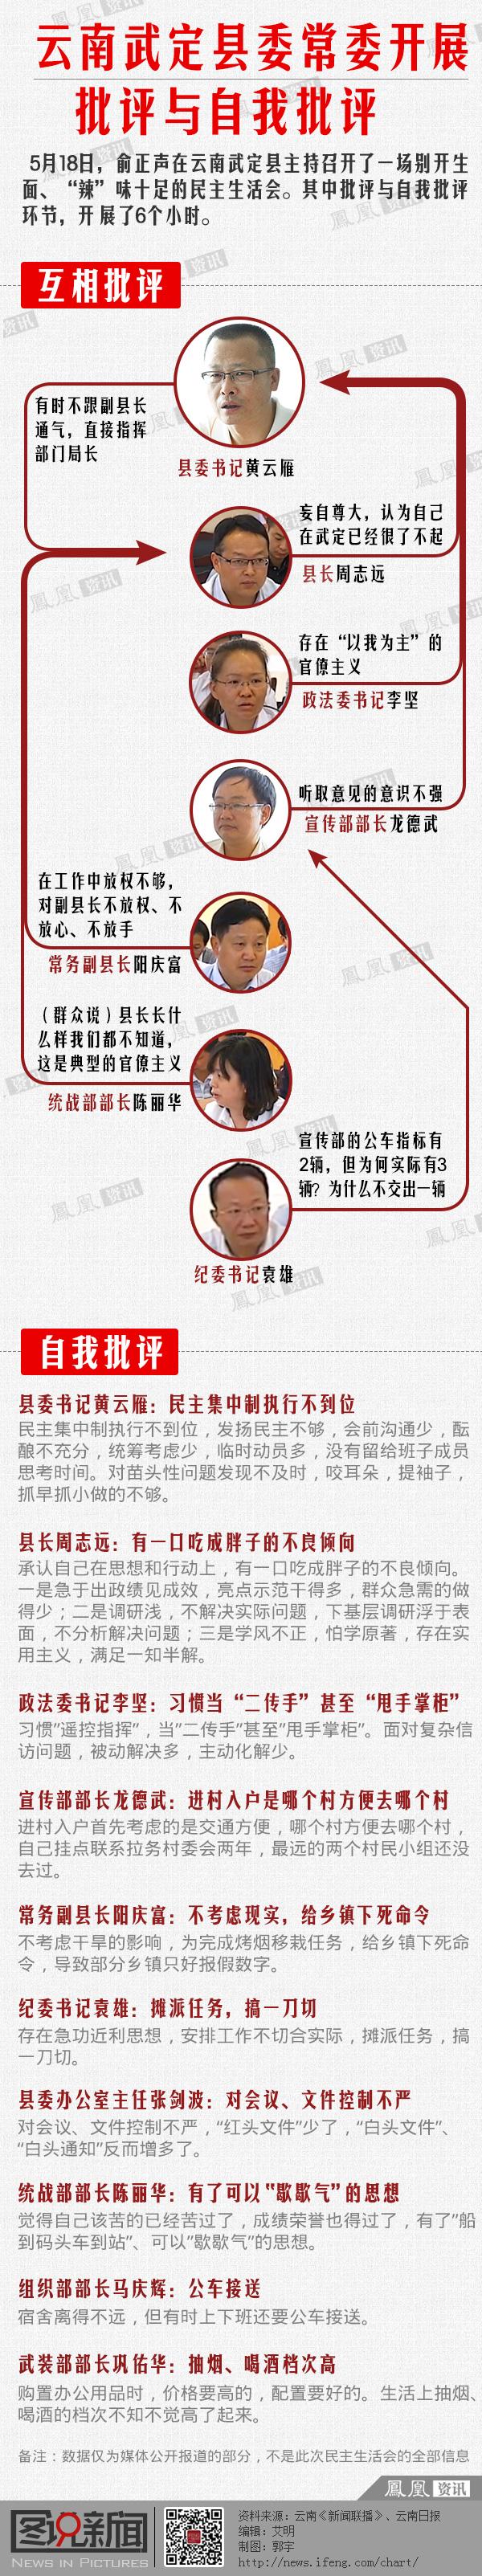 云南武定县常委展开批评与自我批评